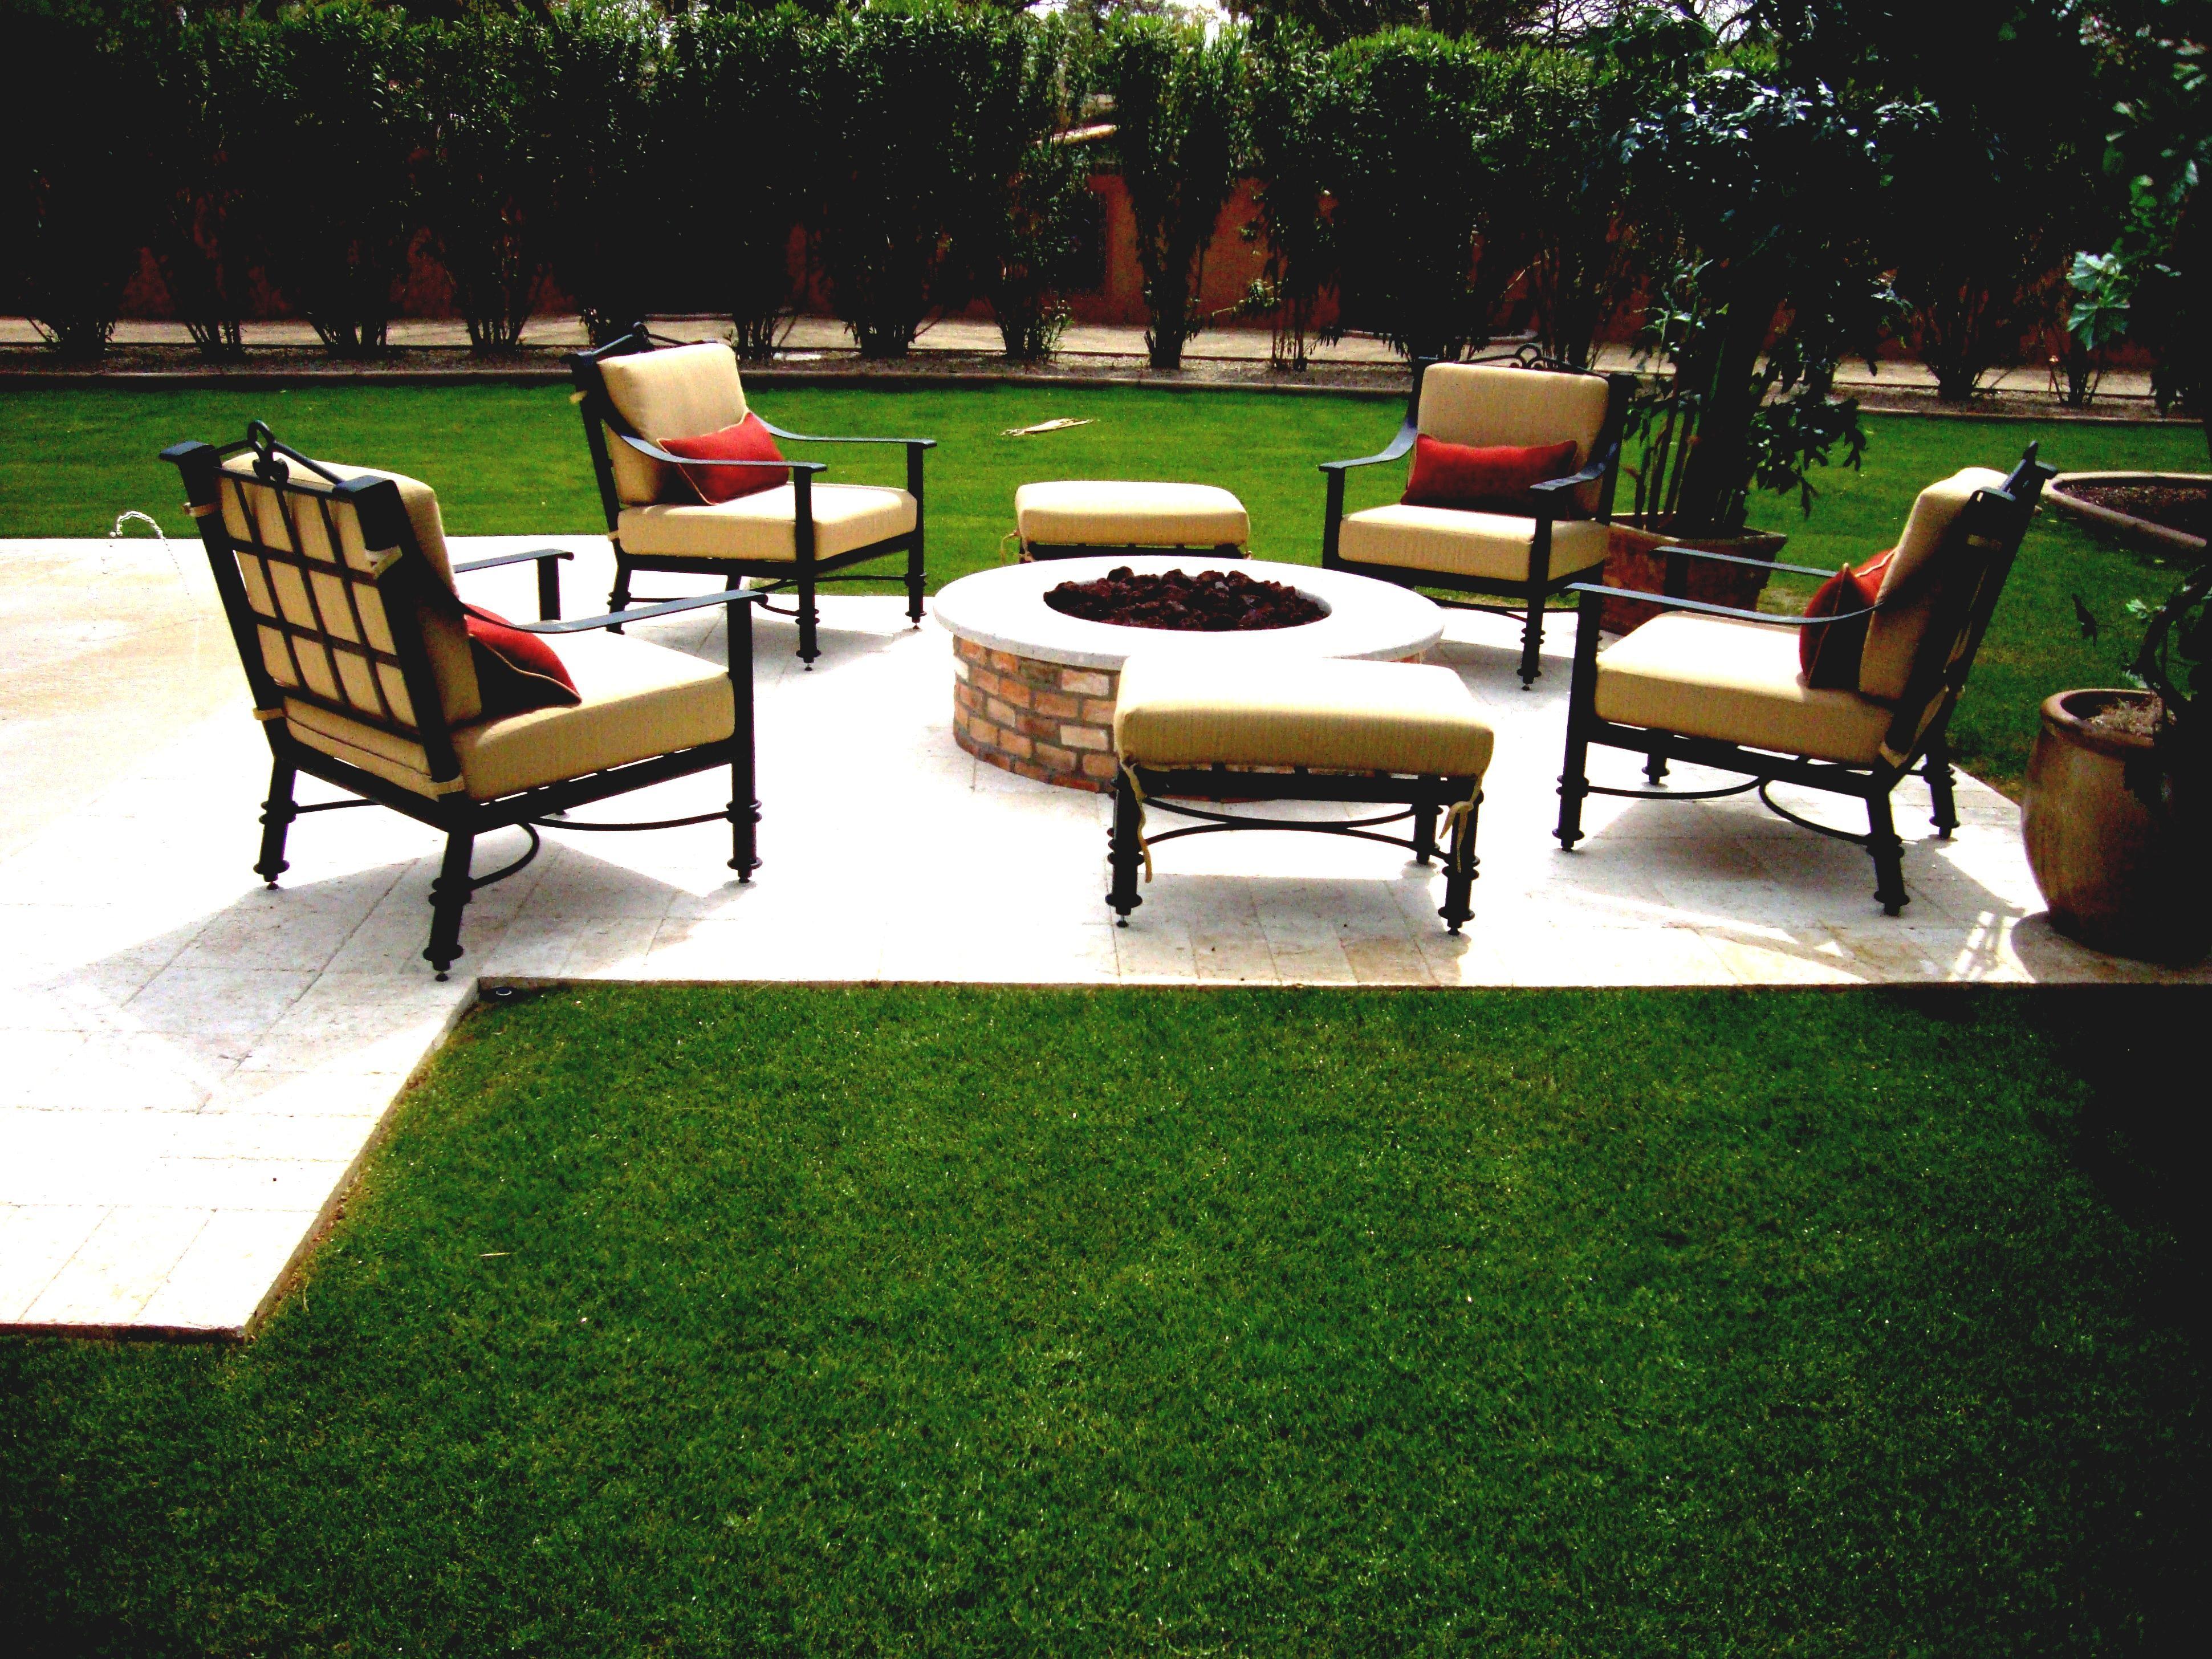 Kleine Hinterhof Landschaftsbau Ideen Auf Einem Budget Bauen, Erstaunlich  #Gartendeko